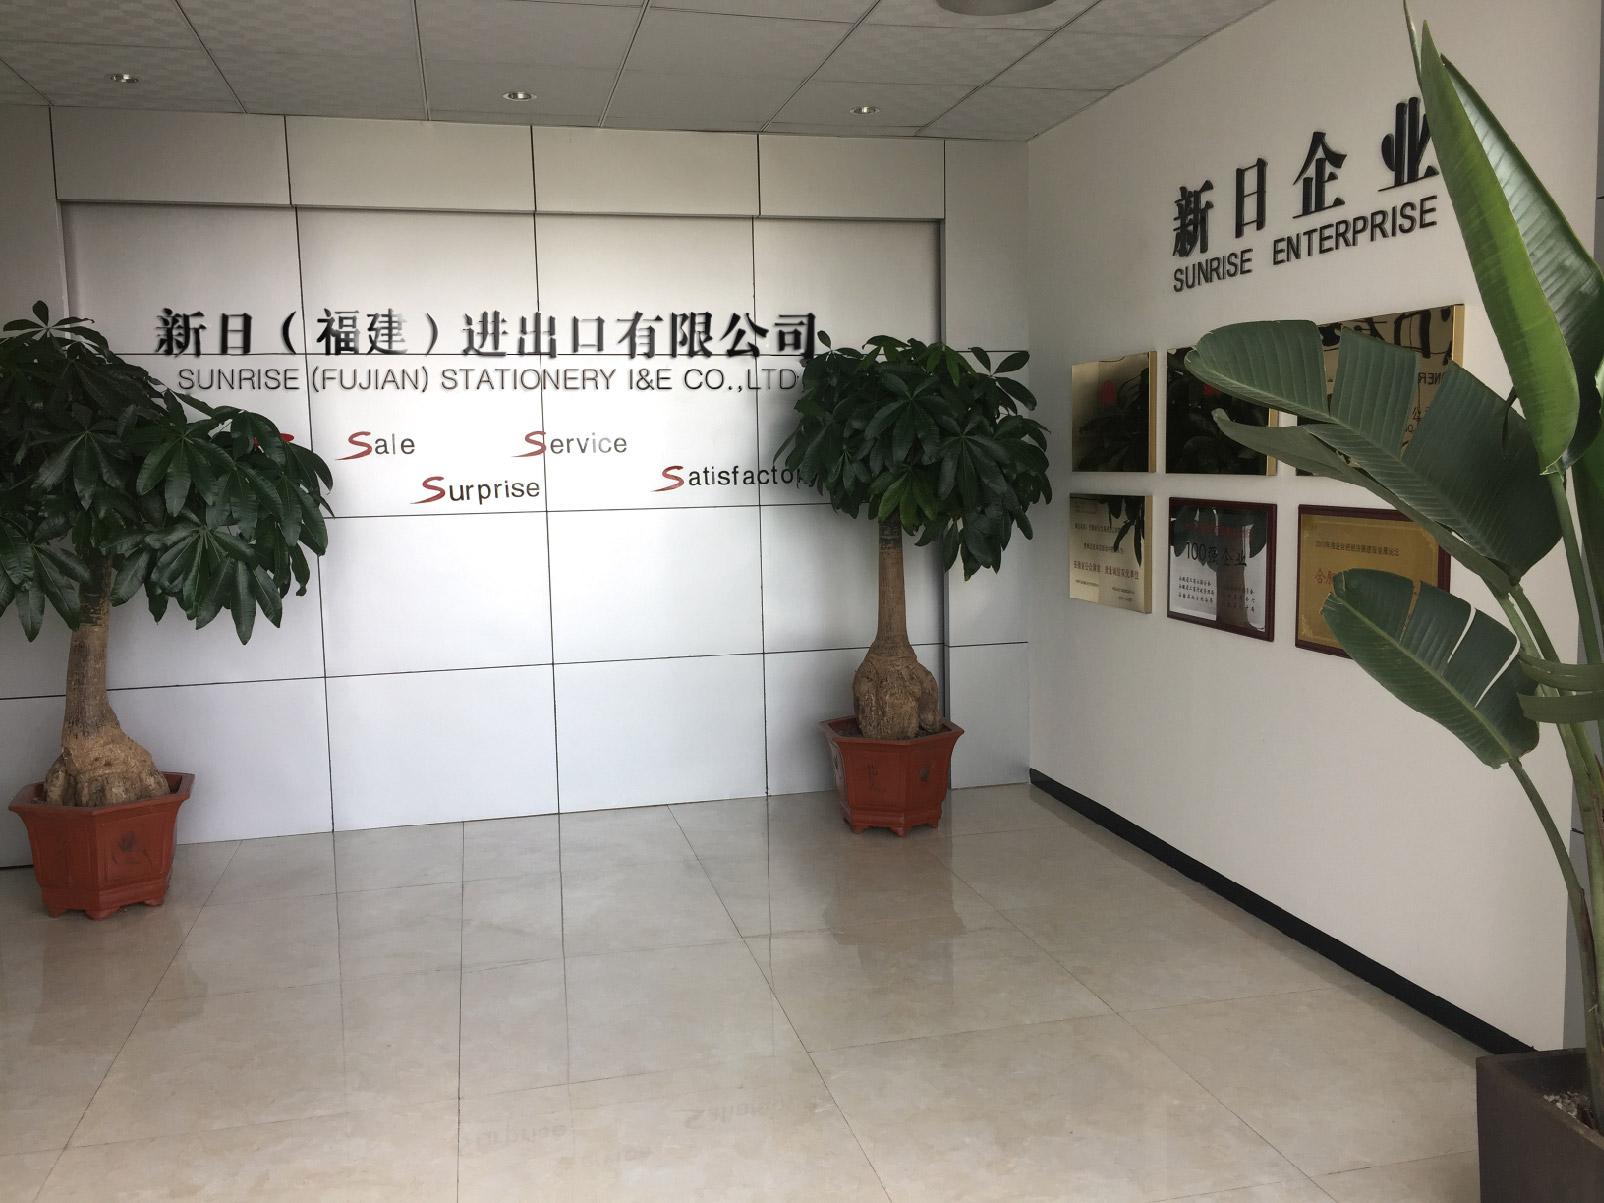 办事处(福建)